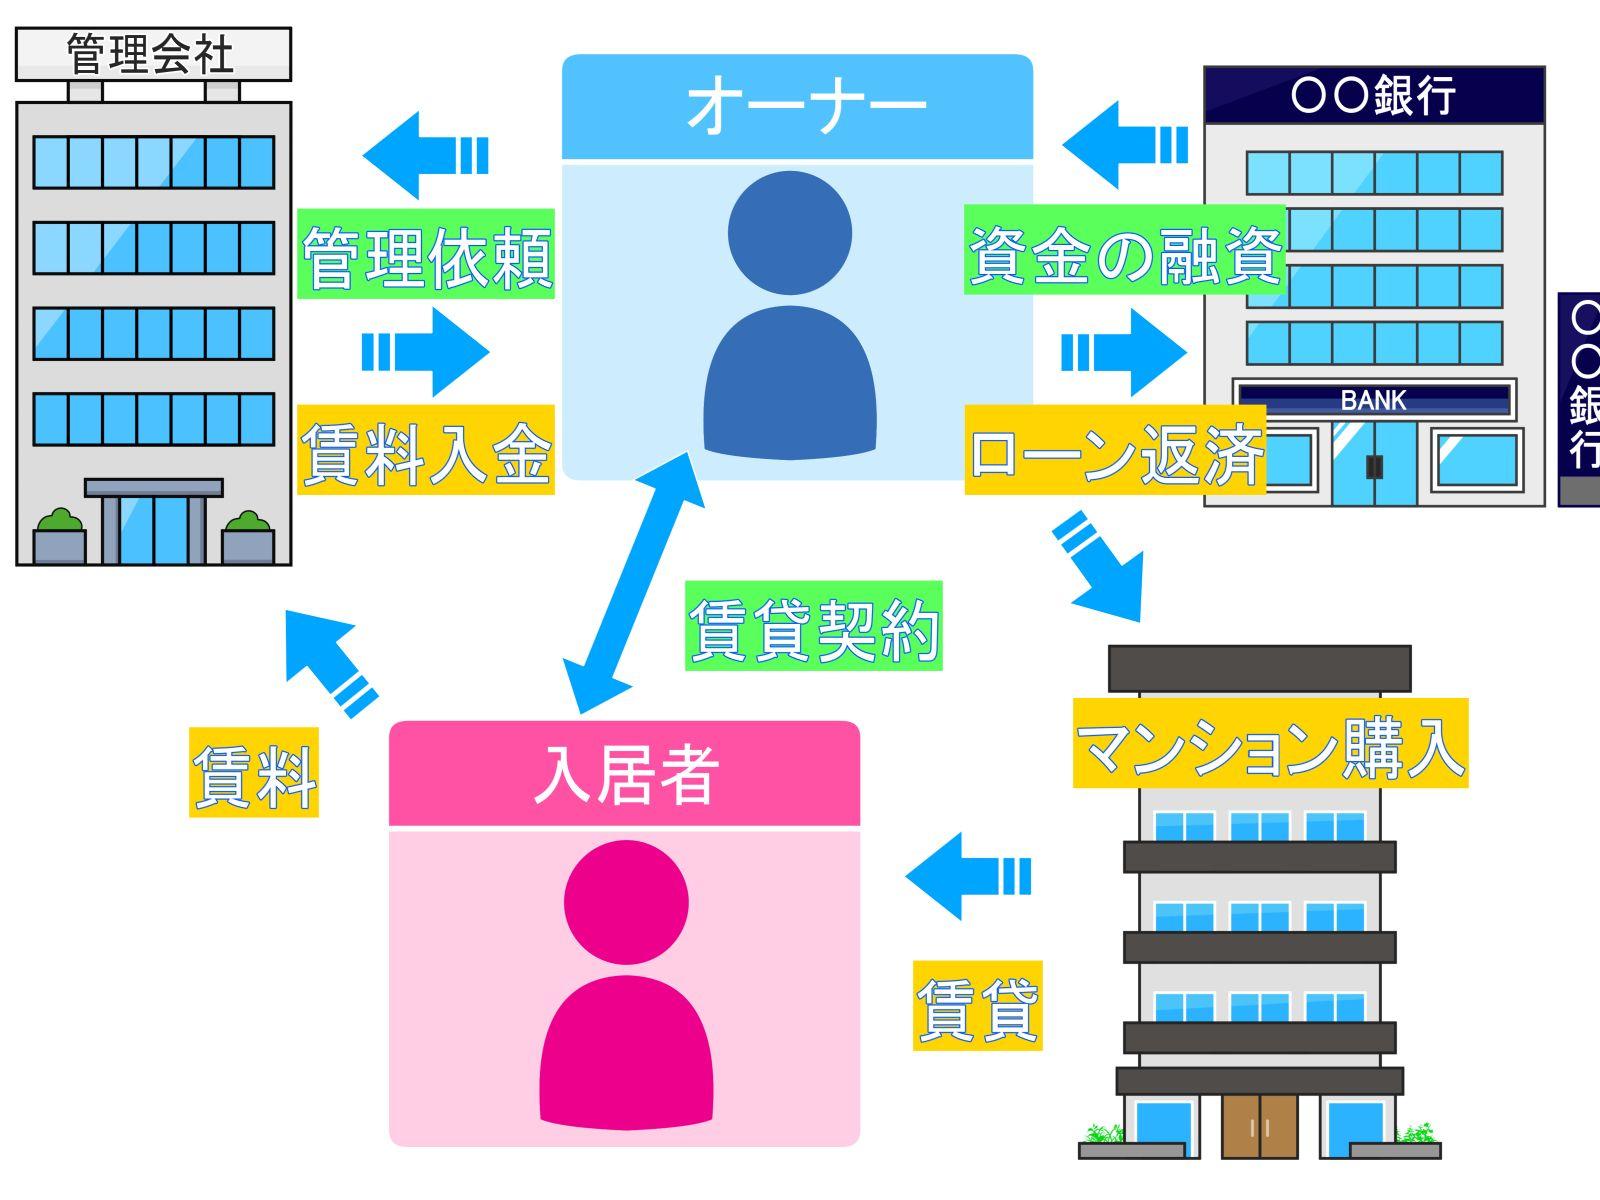 中野区アパートマンション投資の利益目安